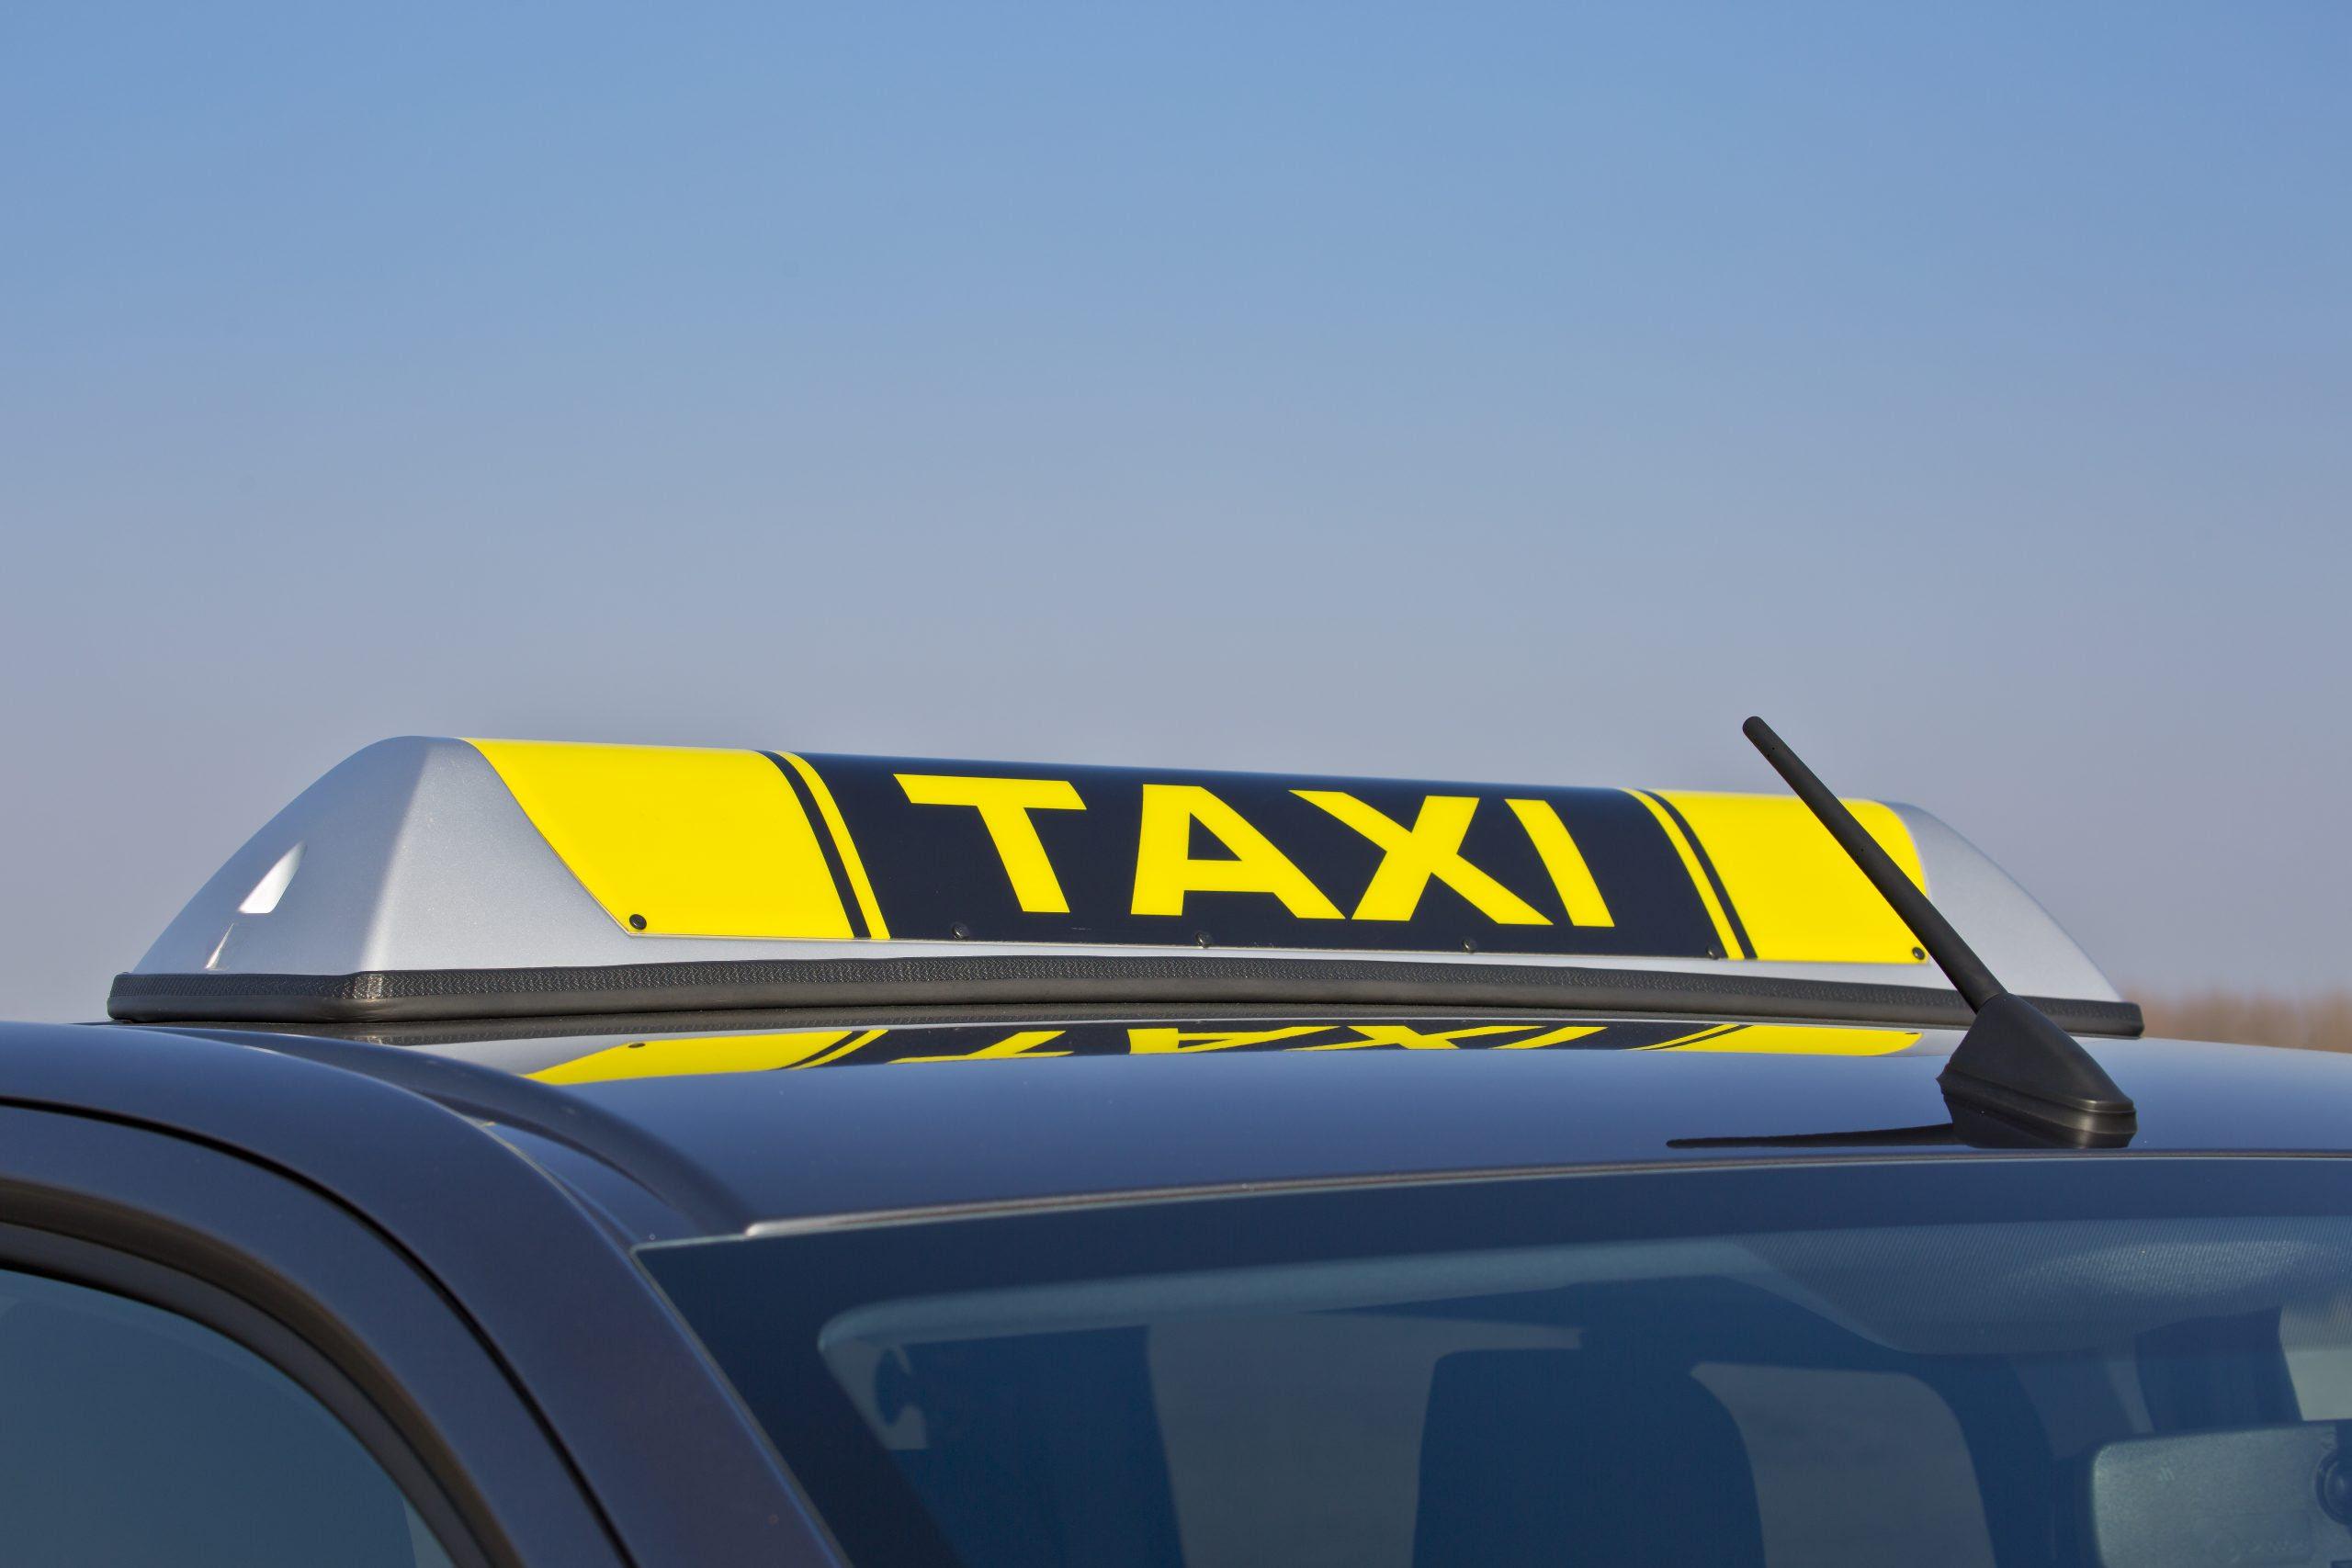 Ruwaard-Mobiel als goedkoop alternatief voor taxi in Osse wijk